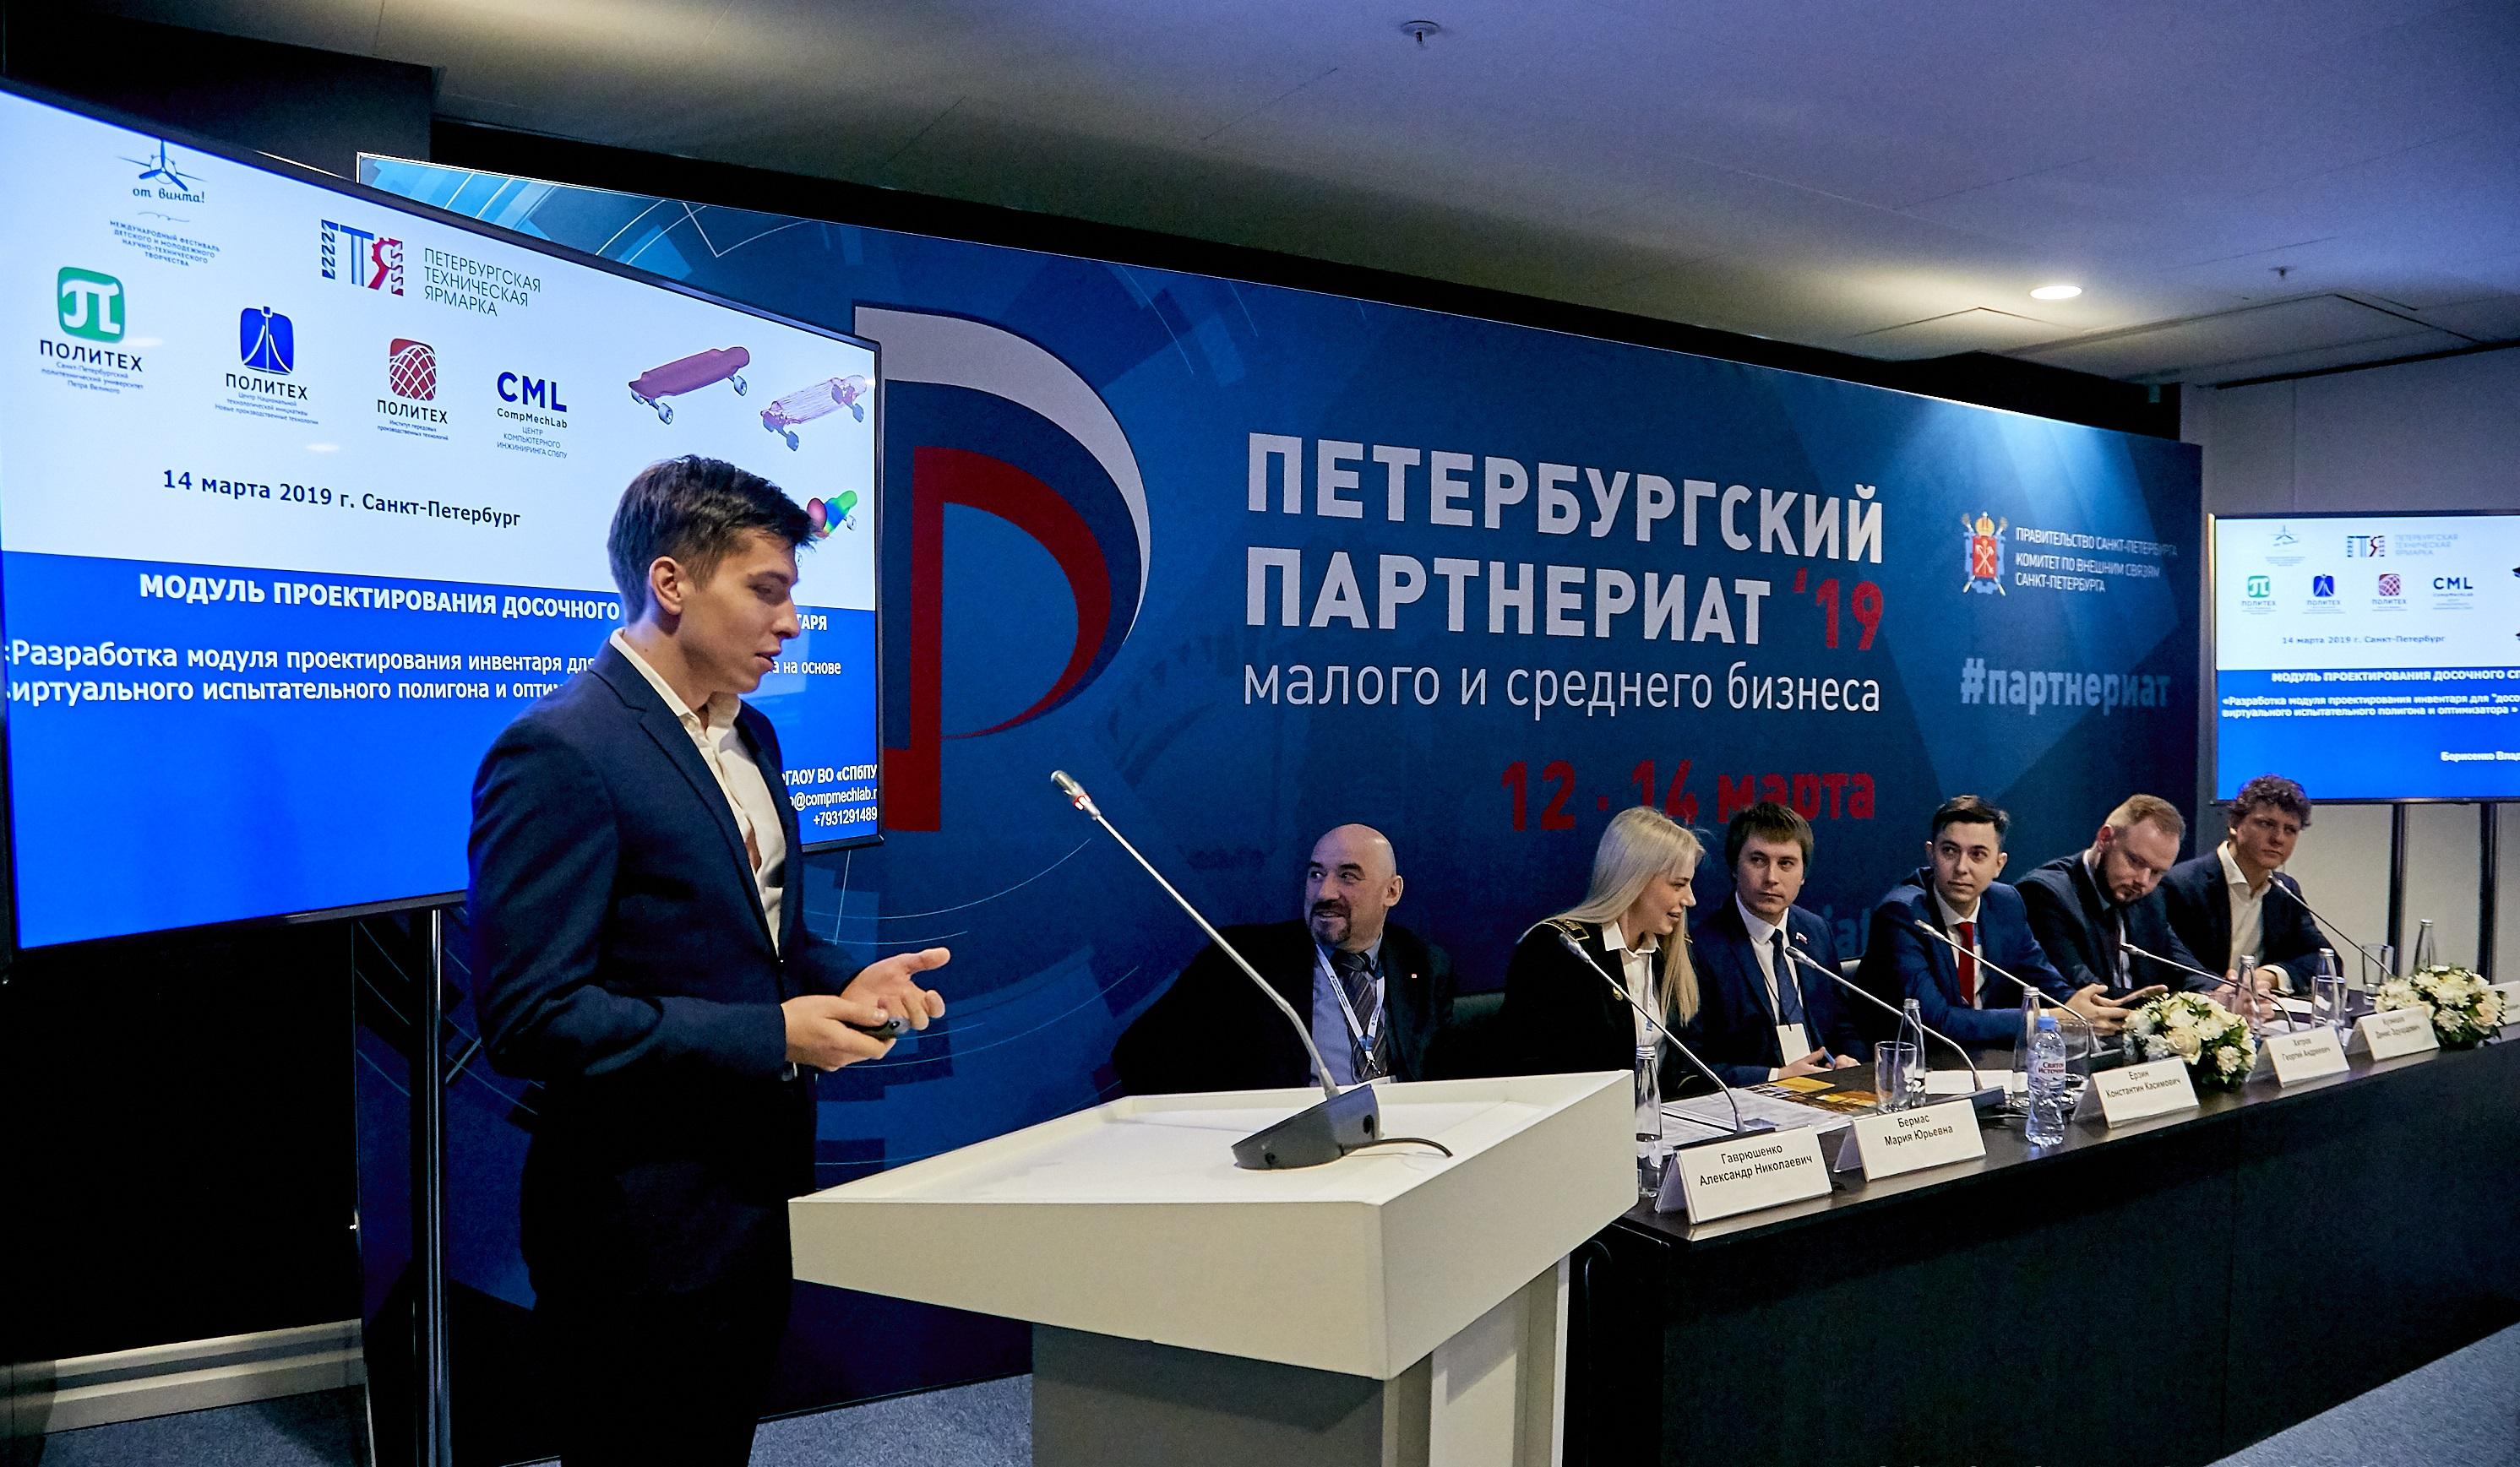 Организаторы фестиваля «От Винта!» приняли участие в деловой программе Петербургского Партнериата 2019